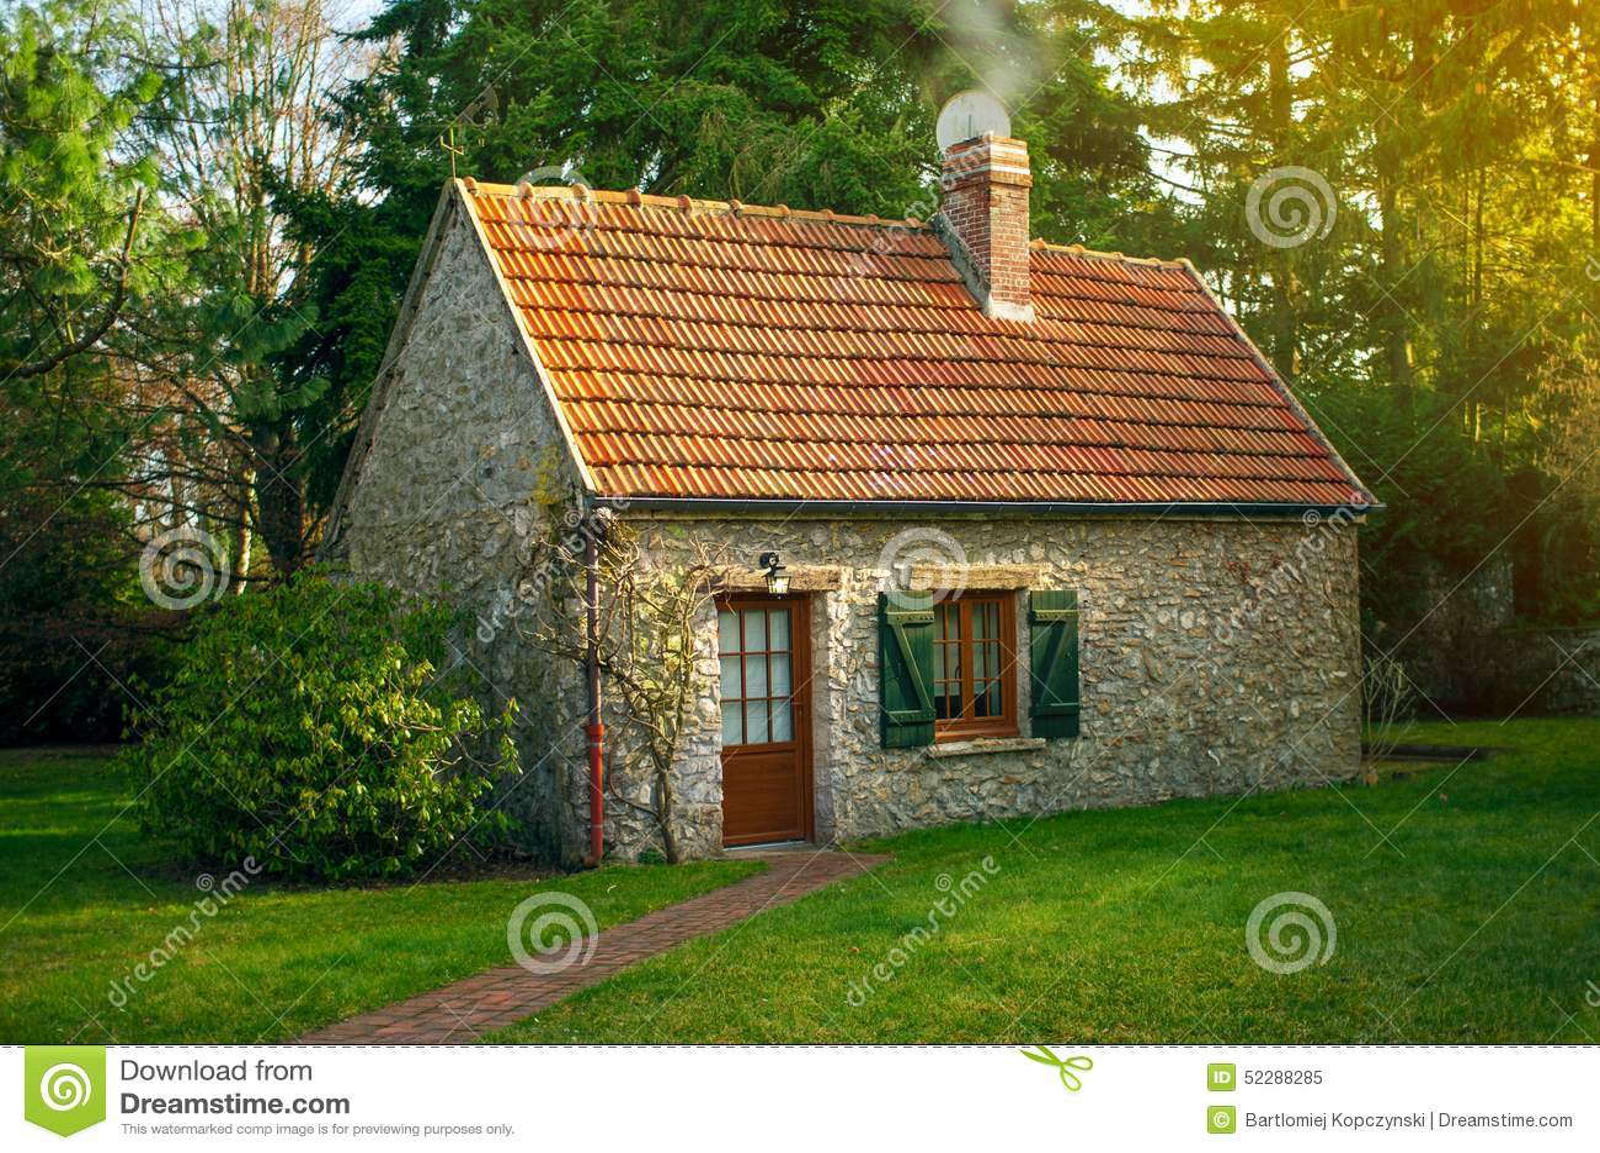 sch nes kleines haus stockbild bild von frankreich schauer 52288285. Black Bedroom Furniture Sets. Home Design Ideas